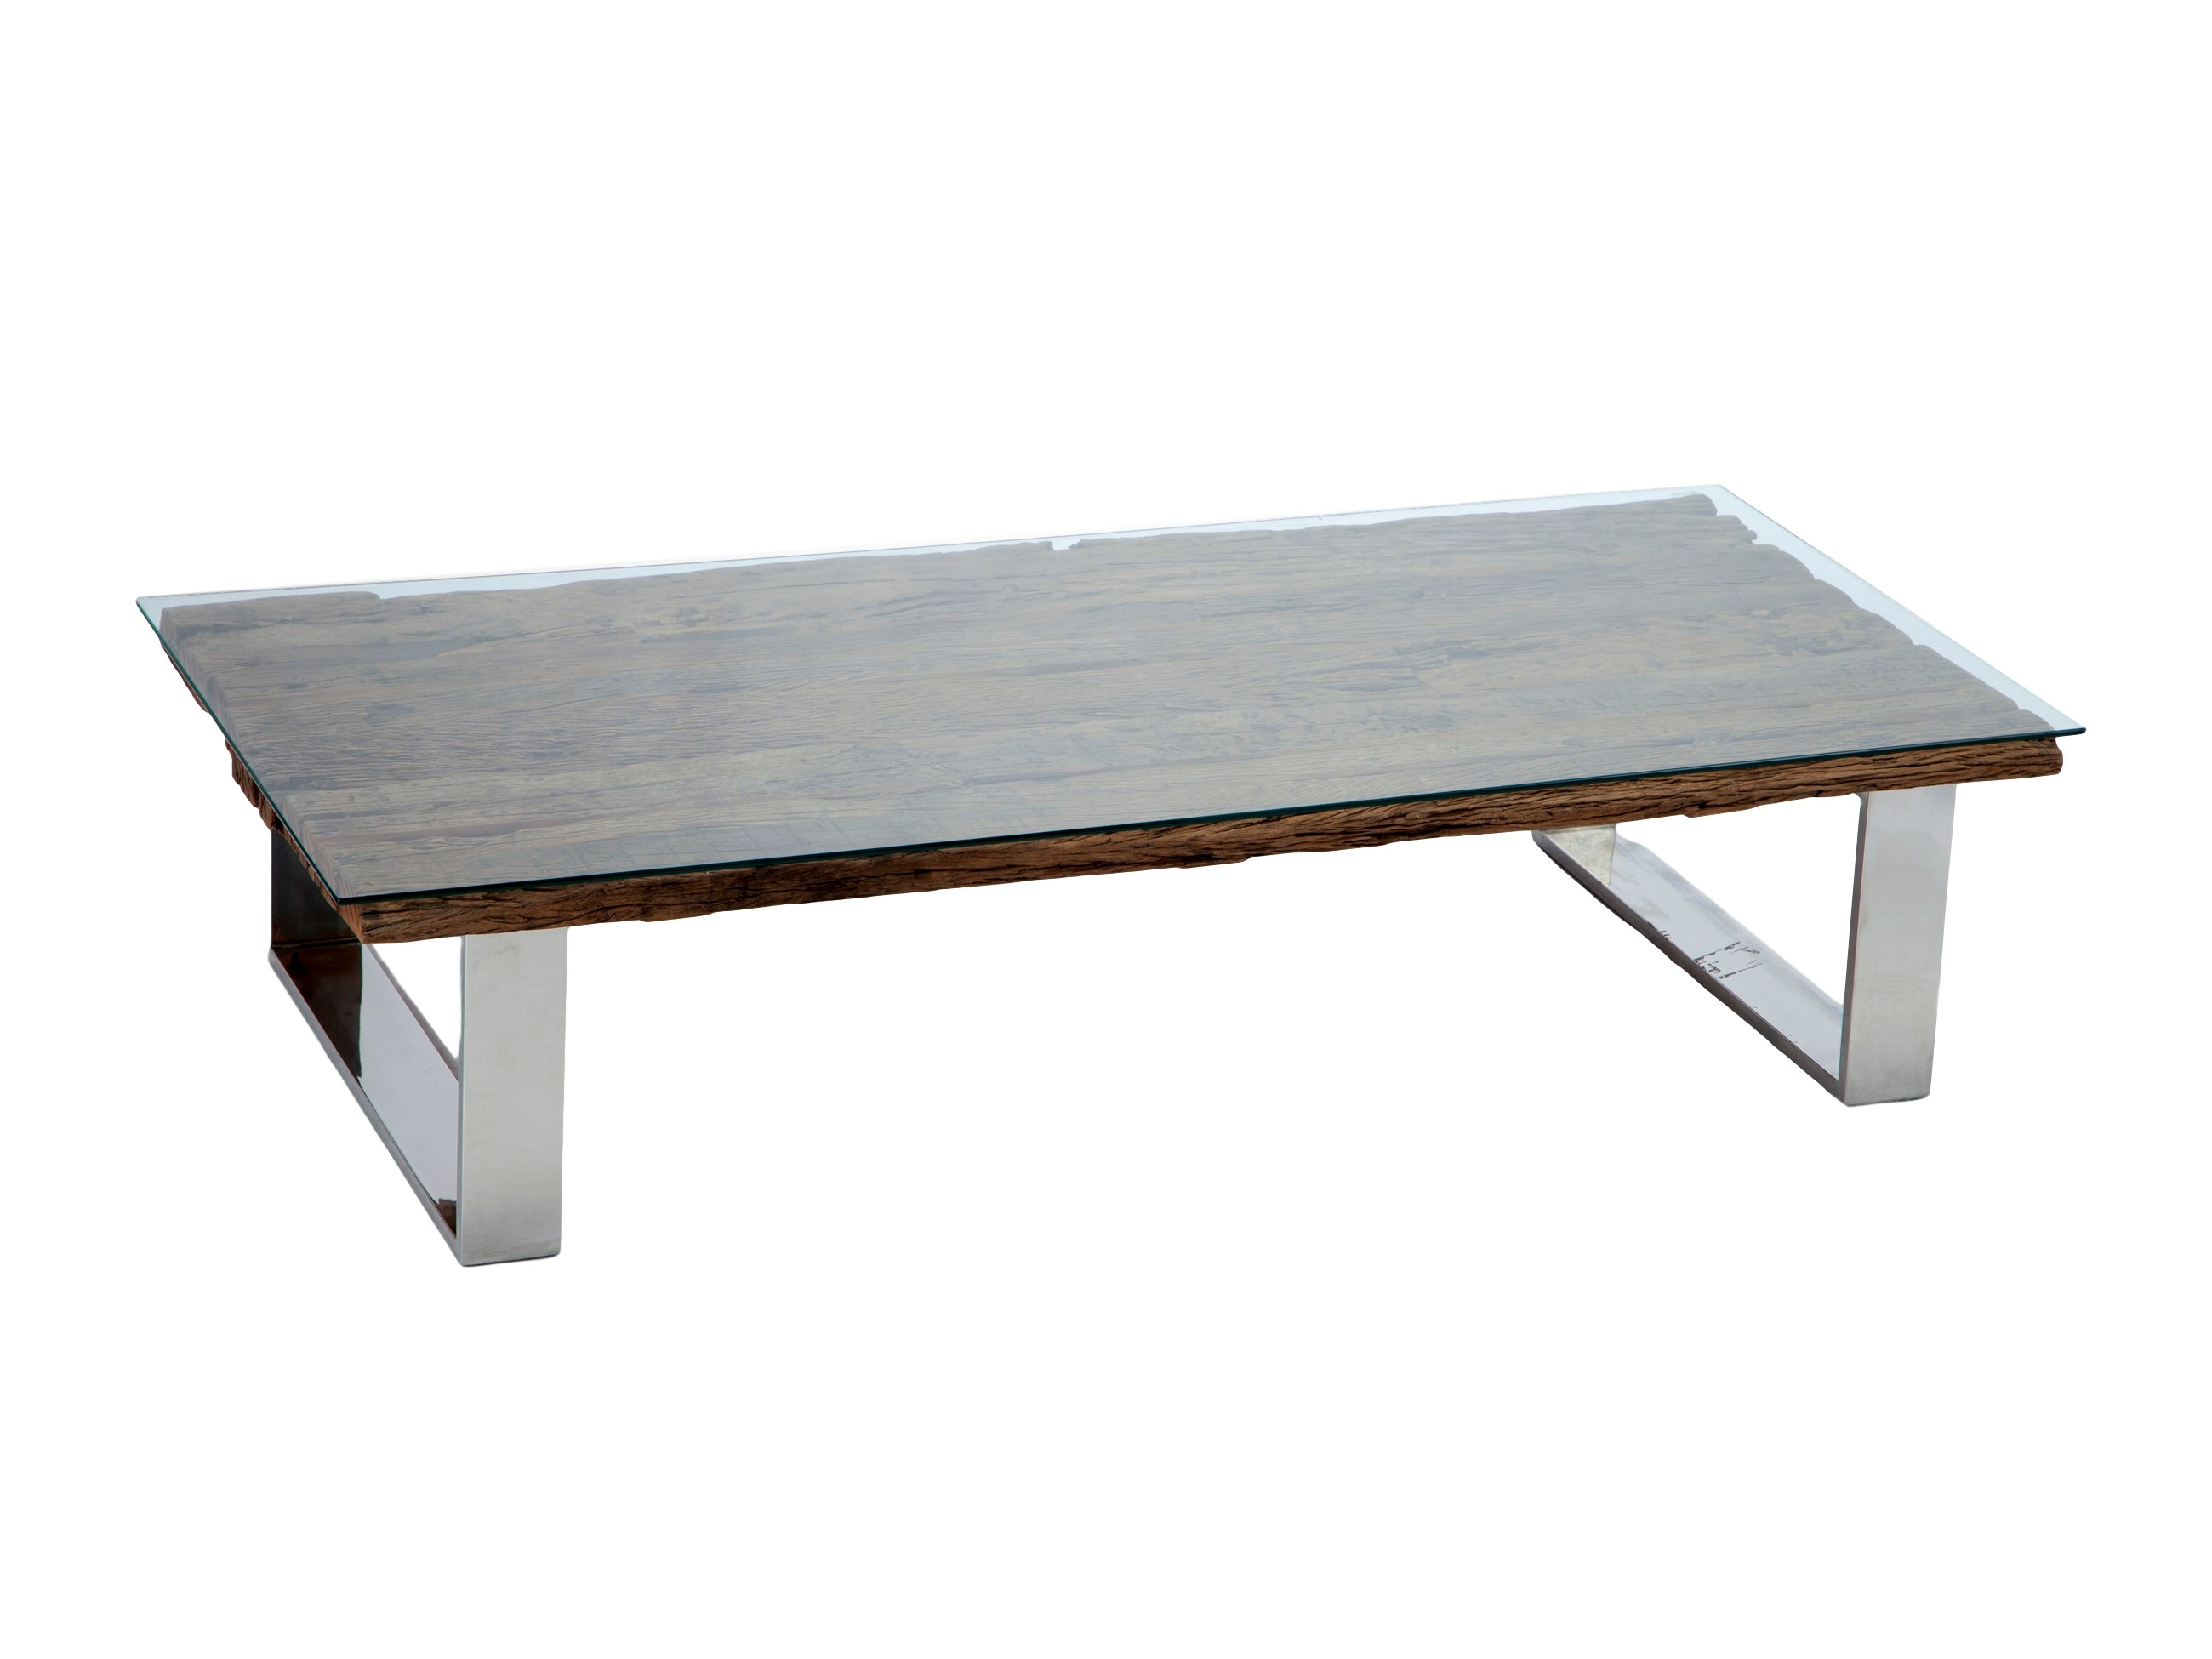 Стол кофейныйКофейные столики<br>Кофейный стол на металлических ножках,столешница из состаренного дерева( шпаловое дерево)и стекла.<br><br>Material: Стекло<br>Length см: None<br>Width см: 180<br>Depth см: 80<br>Height см: 40